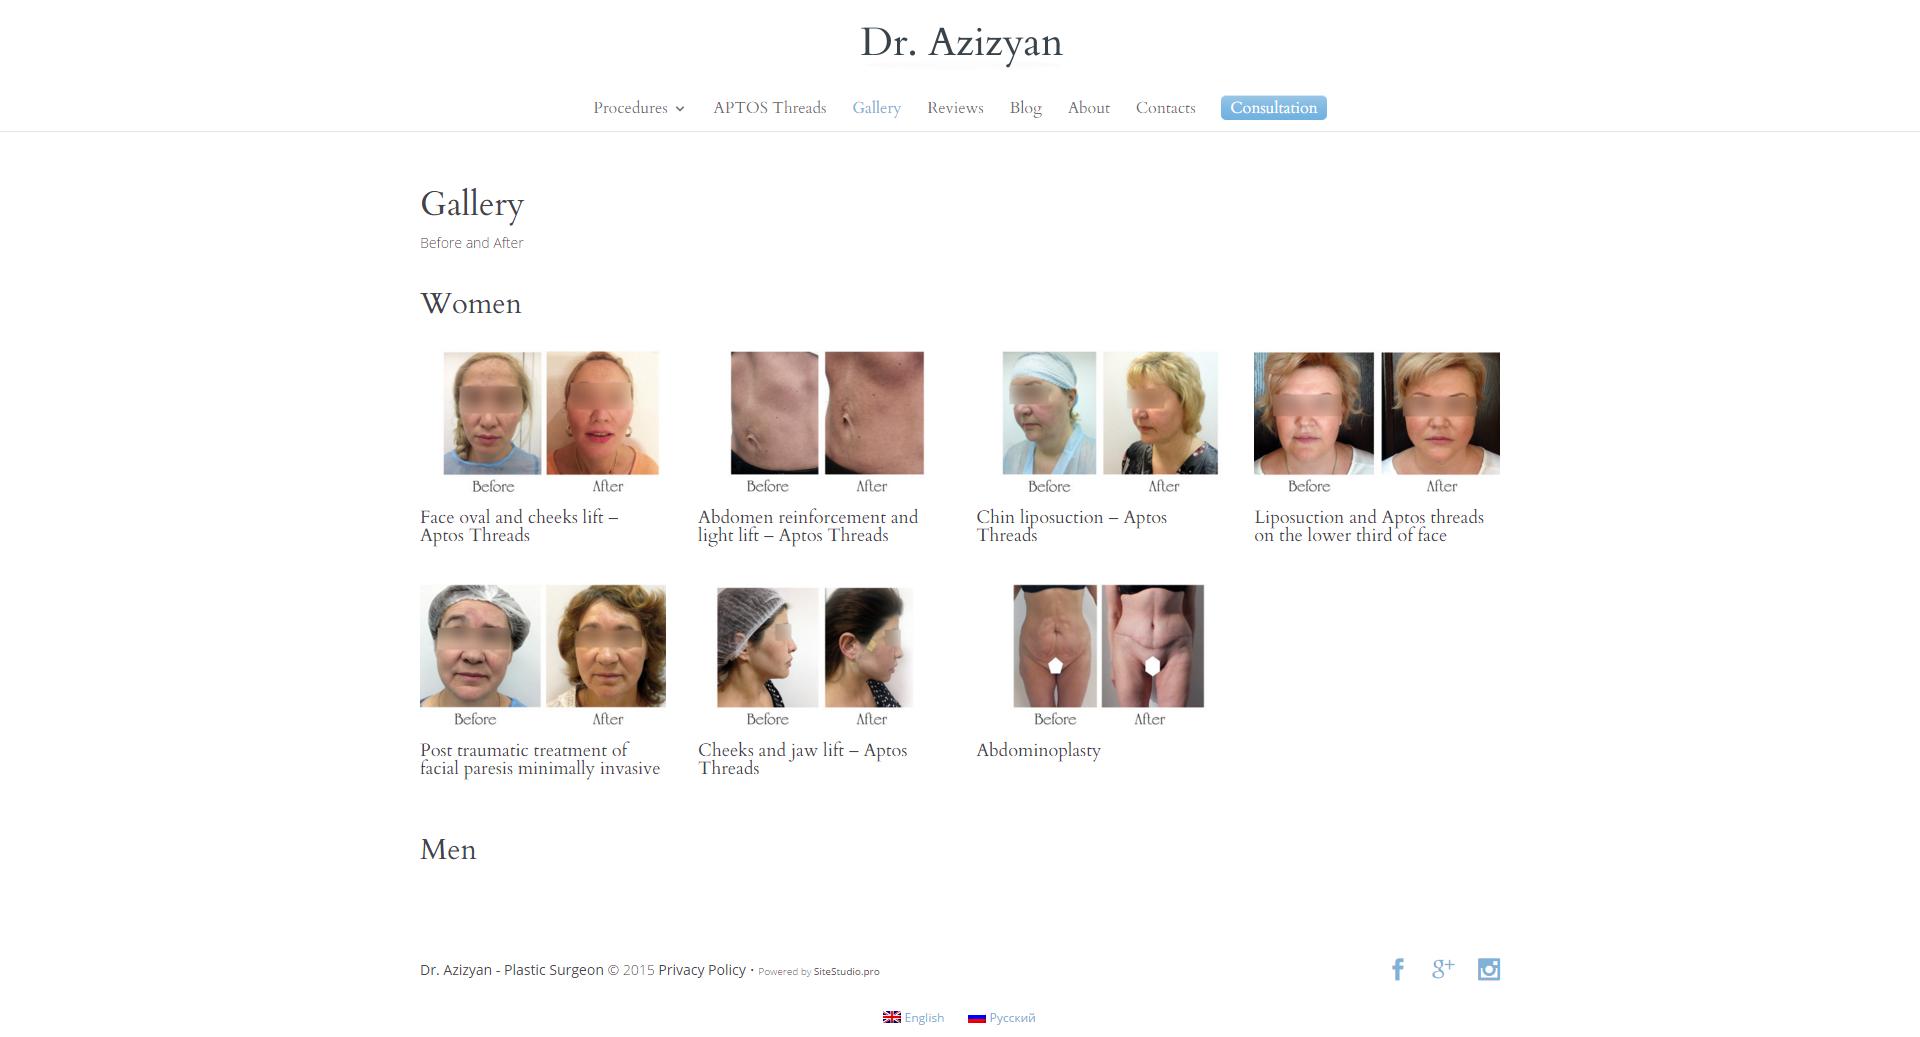 Создание сайта доктора Азизяна пластического хирурга  azizyan.com